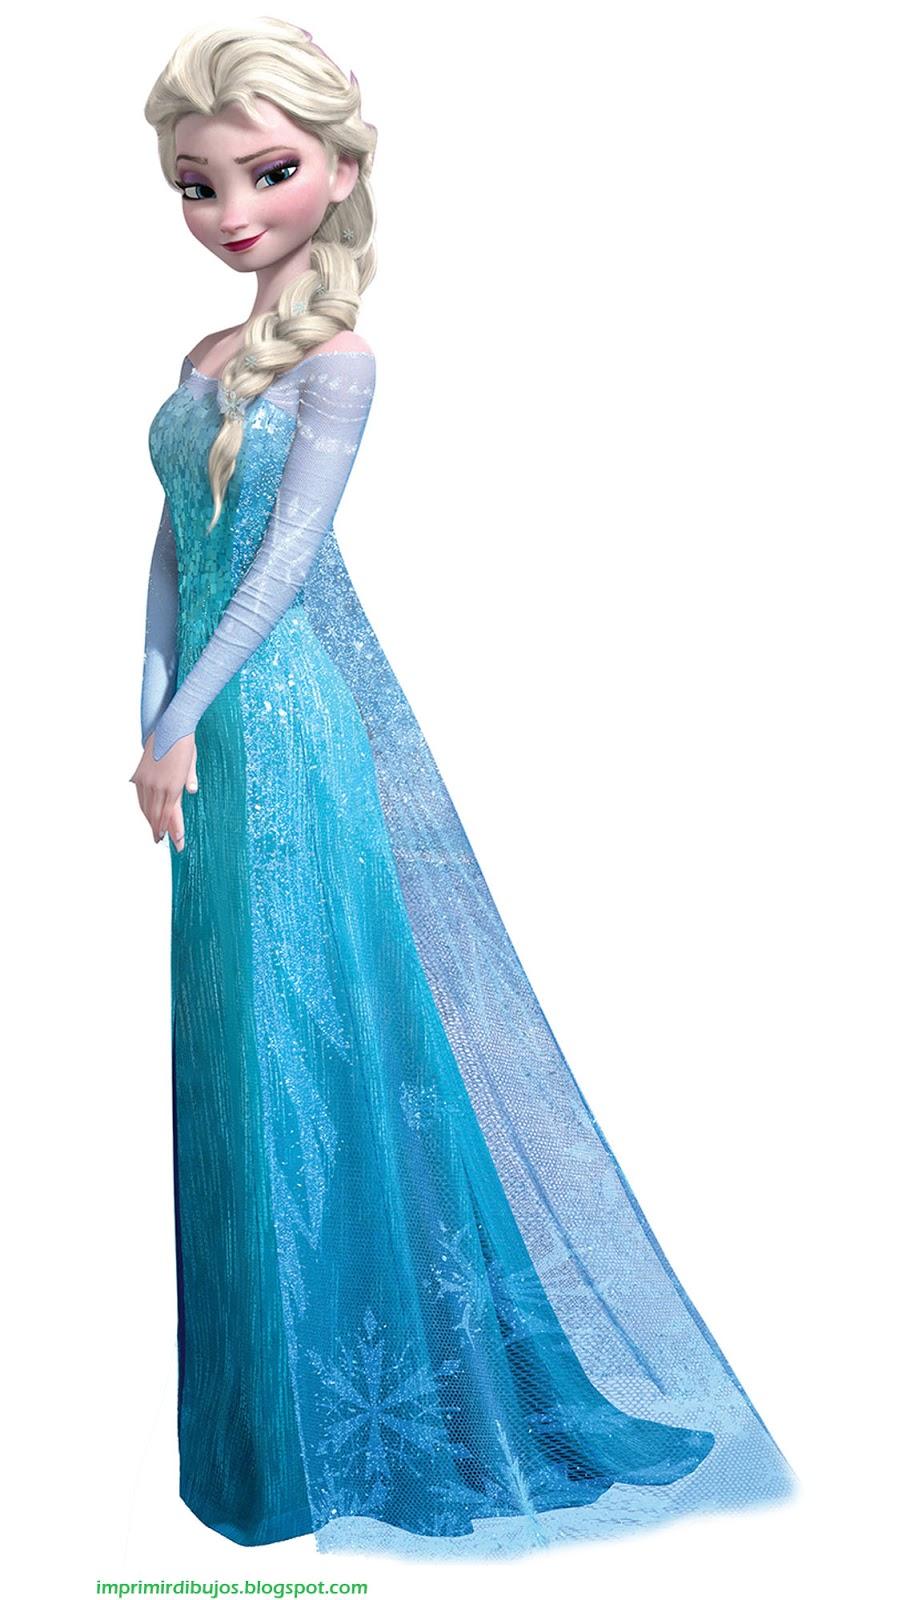 la reina elsa de frozen para imprimir recortar y pegar free image